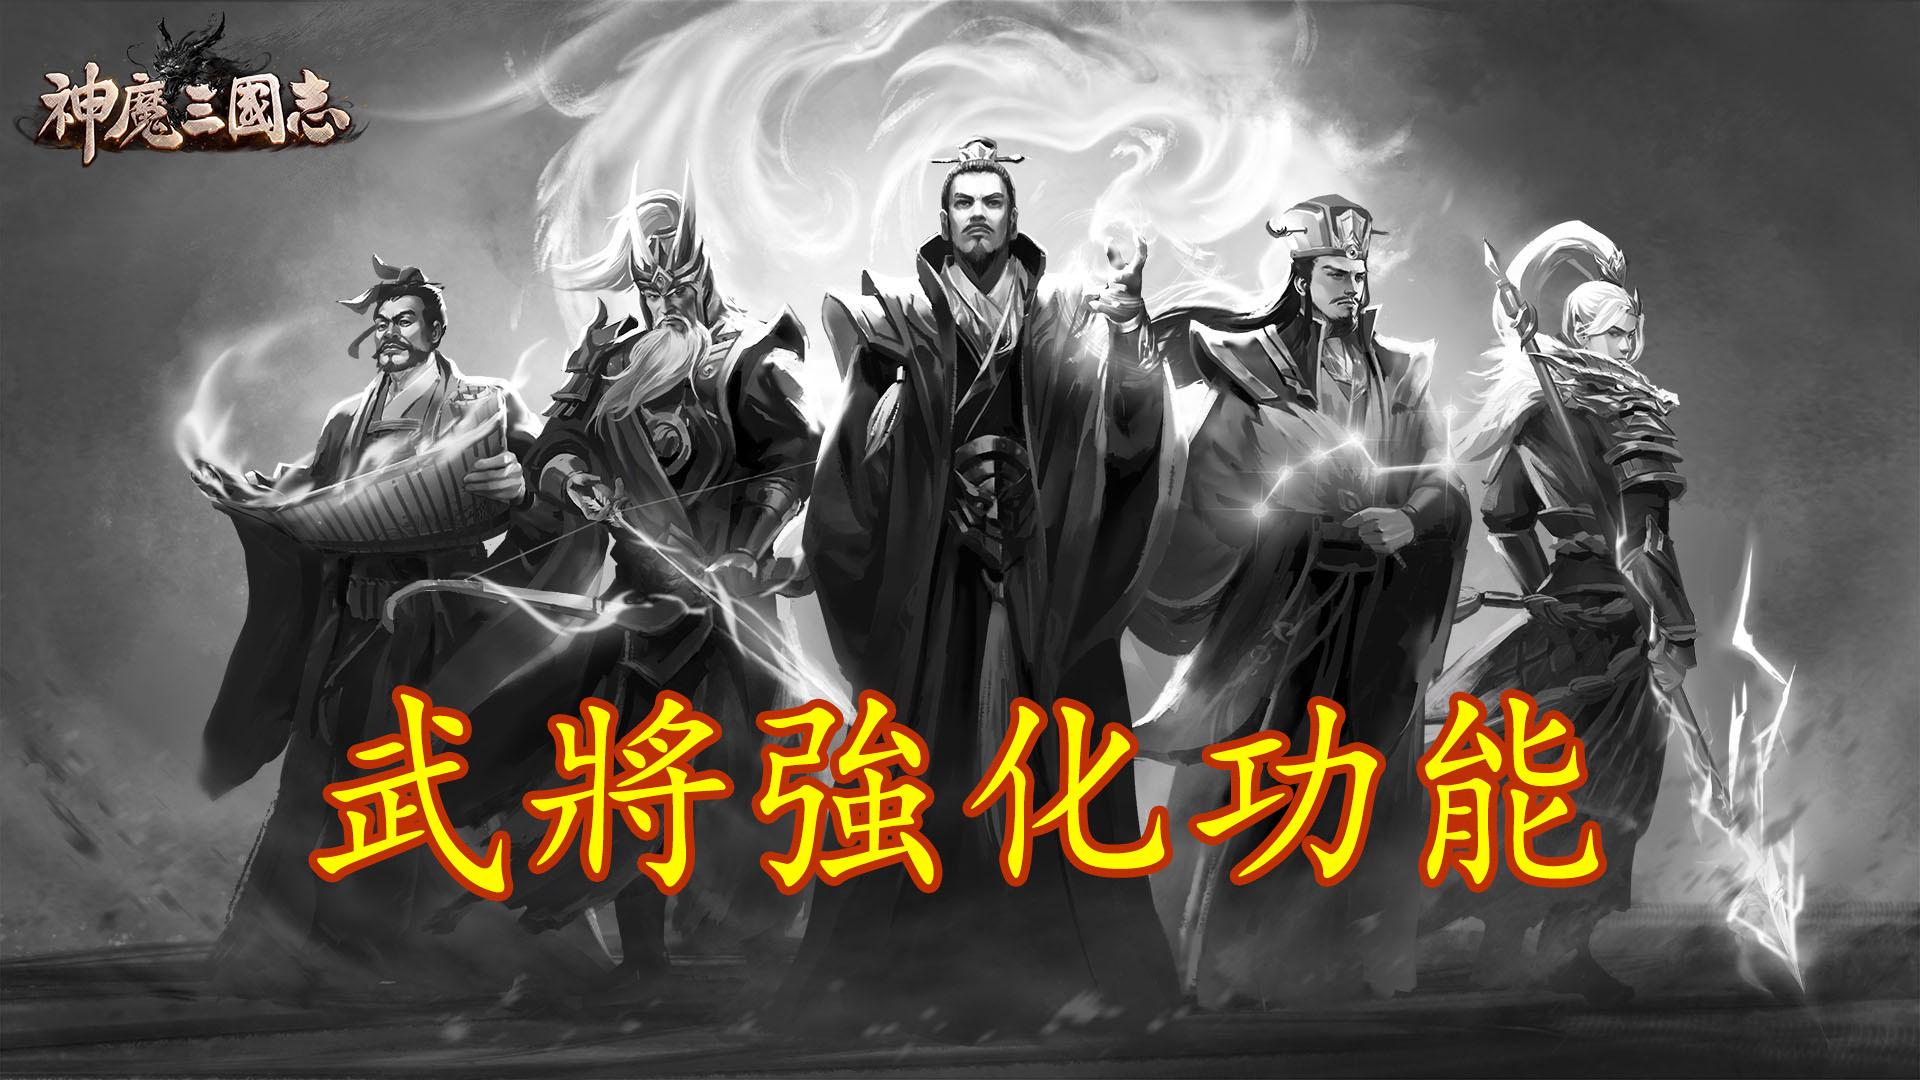 《神魔三國志》:武將強化功能以及遊玩模式之盤點